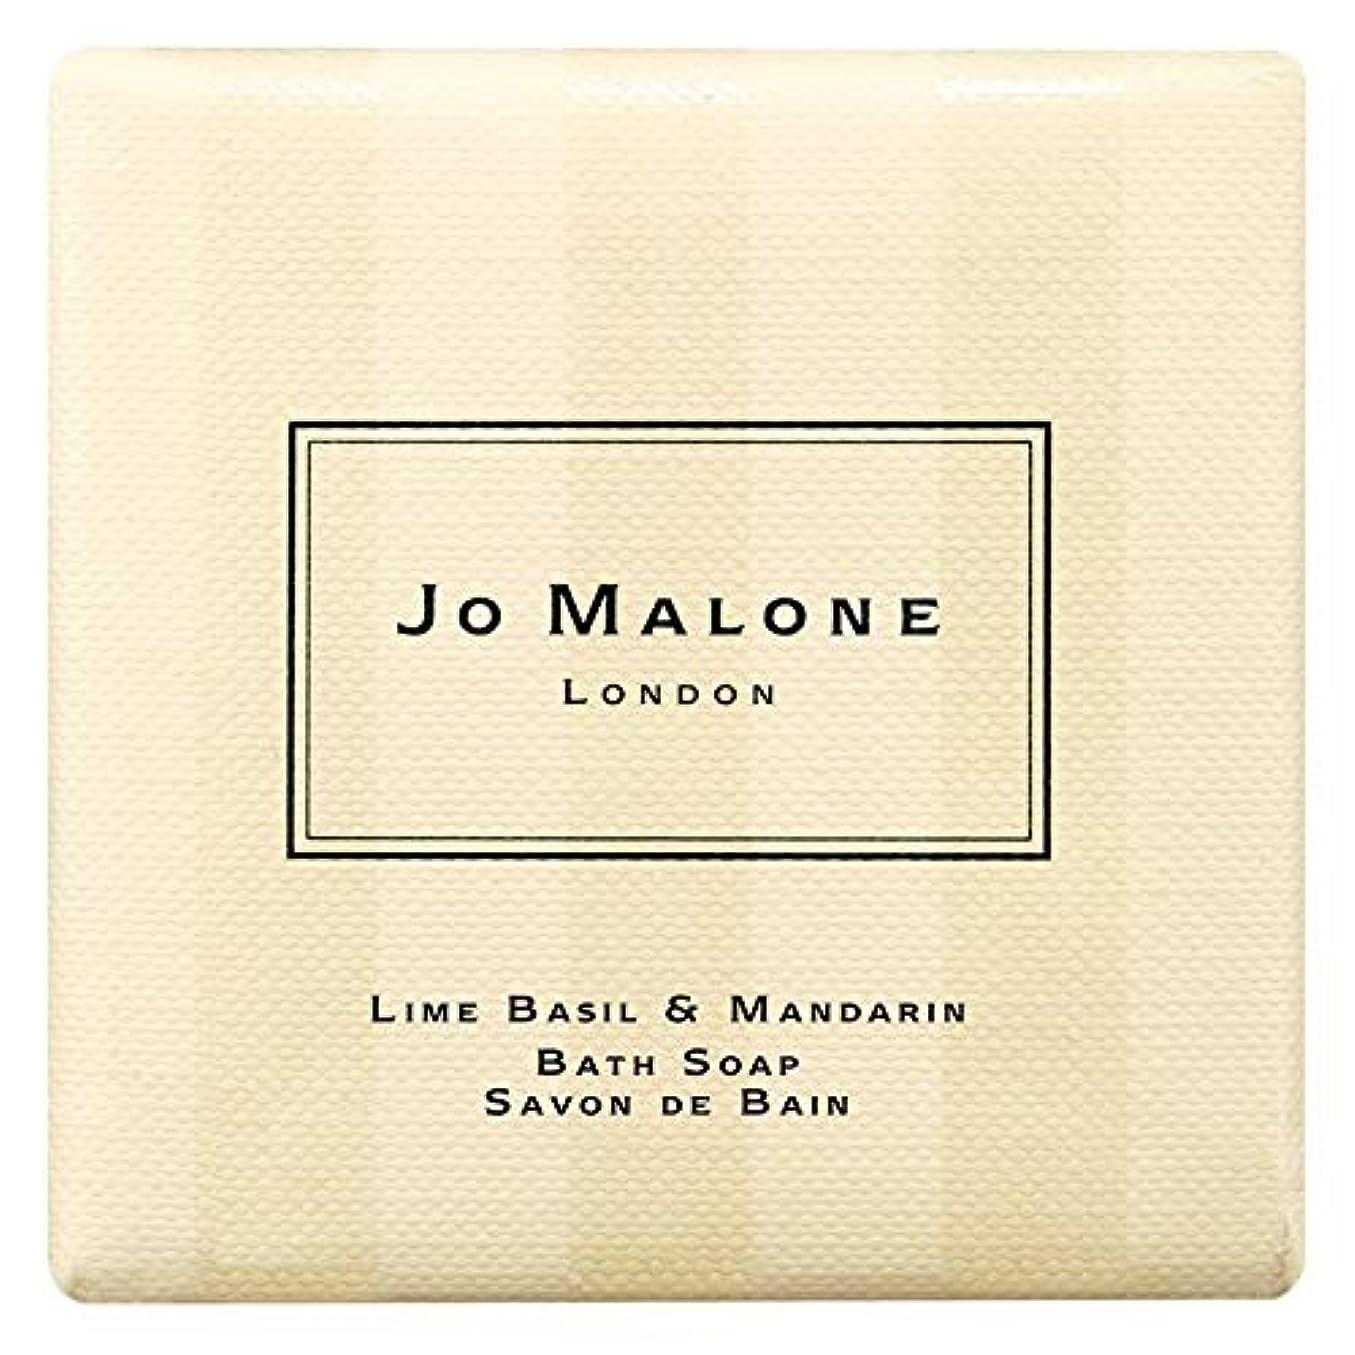 昆虫唯物論どうしたの[Jo Malone] ジョーマローンロンドンライムバジル&マンダリンお風呂の石鹸100グラム - Jo Malone London Lime Basil & Mandarin Bath Soap 100g [並行輸入品]